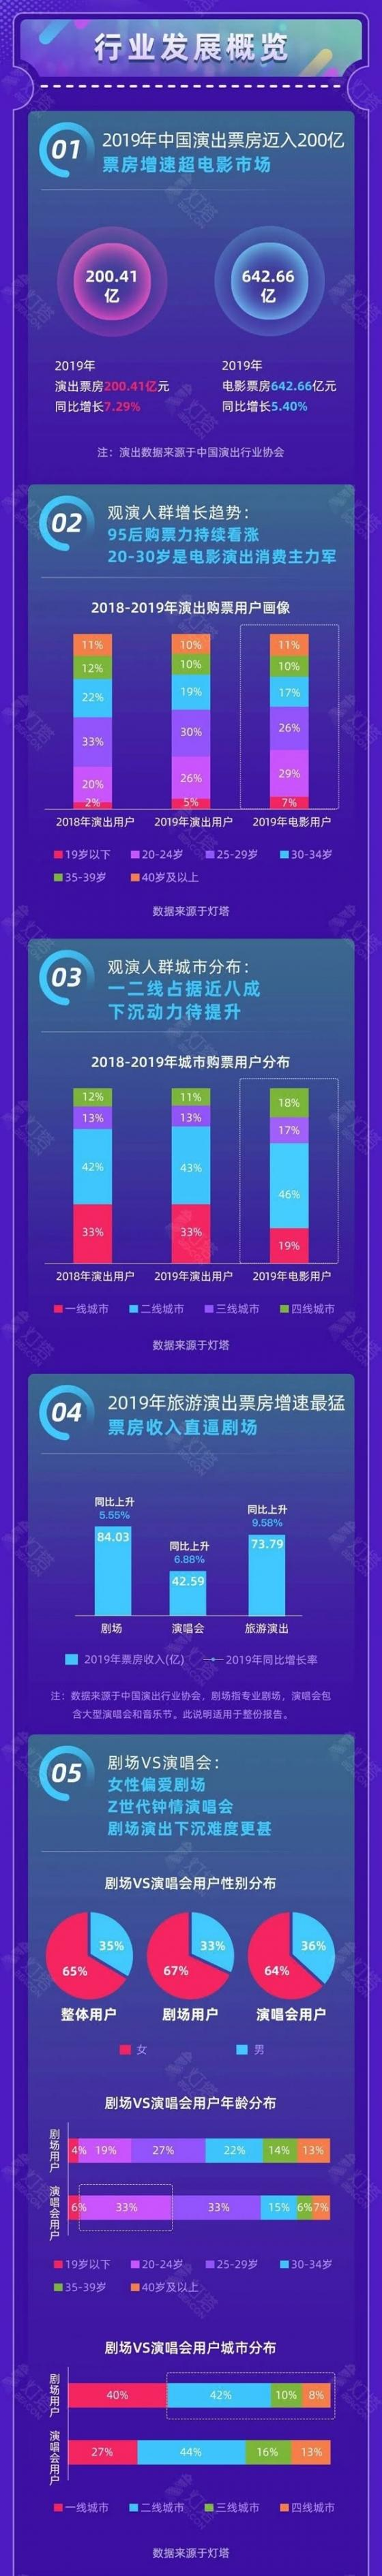 2019年中国演出票房迈入200亿元大关,成都音乐会消费居全国第三